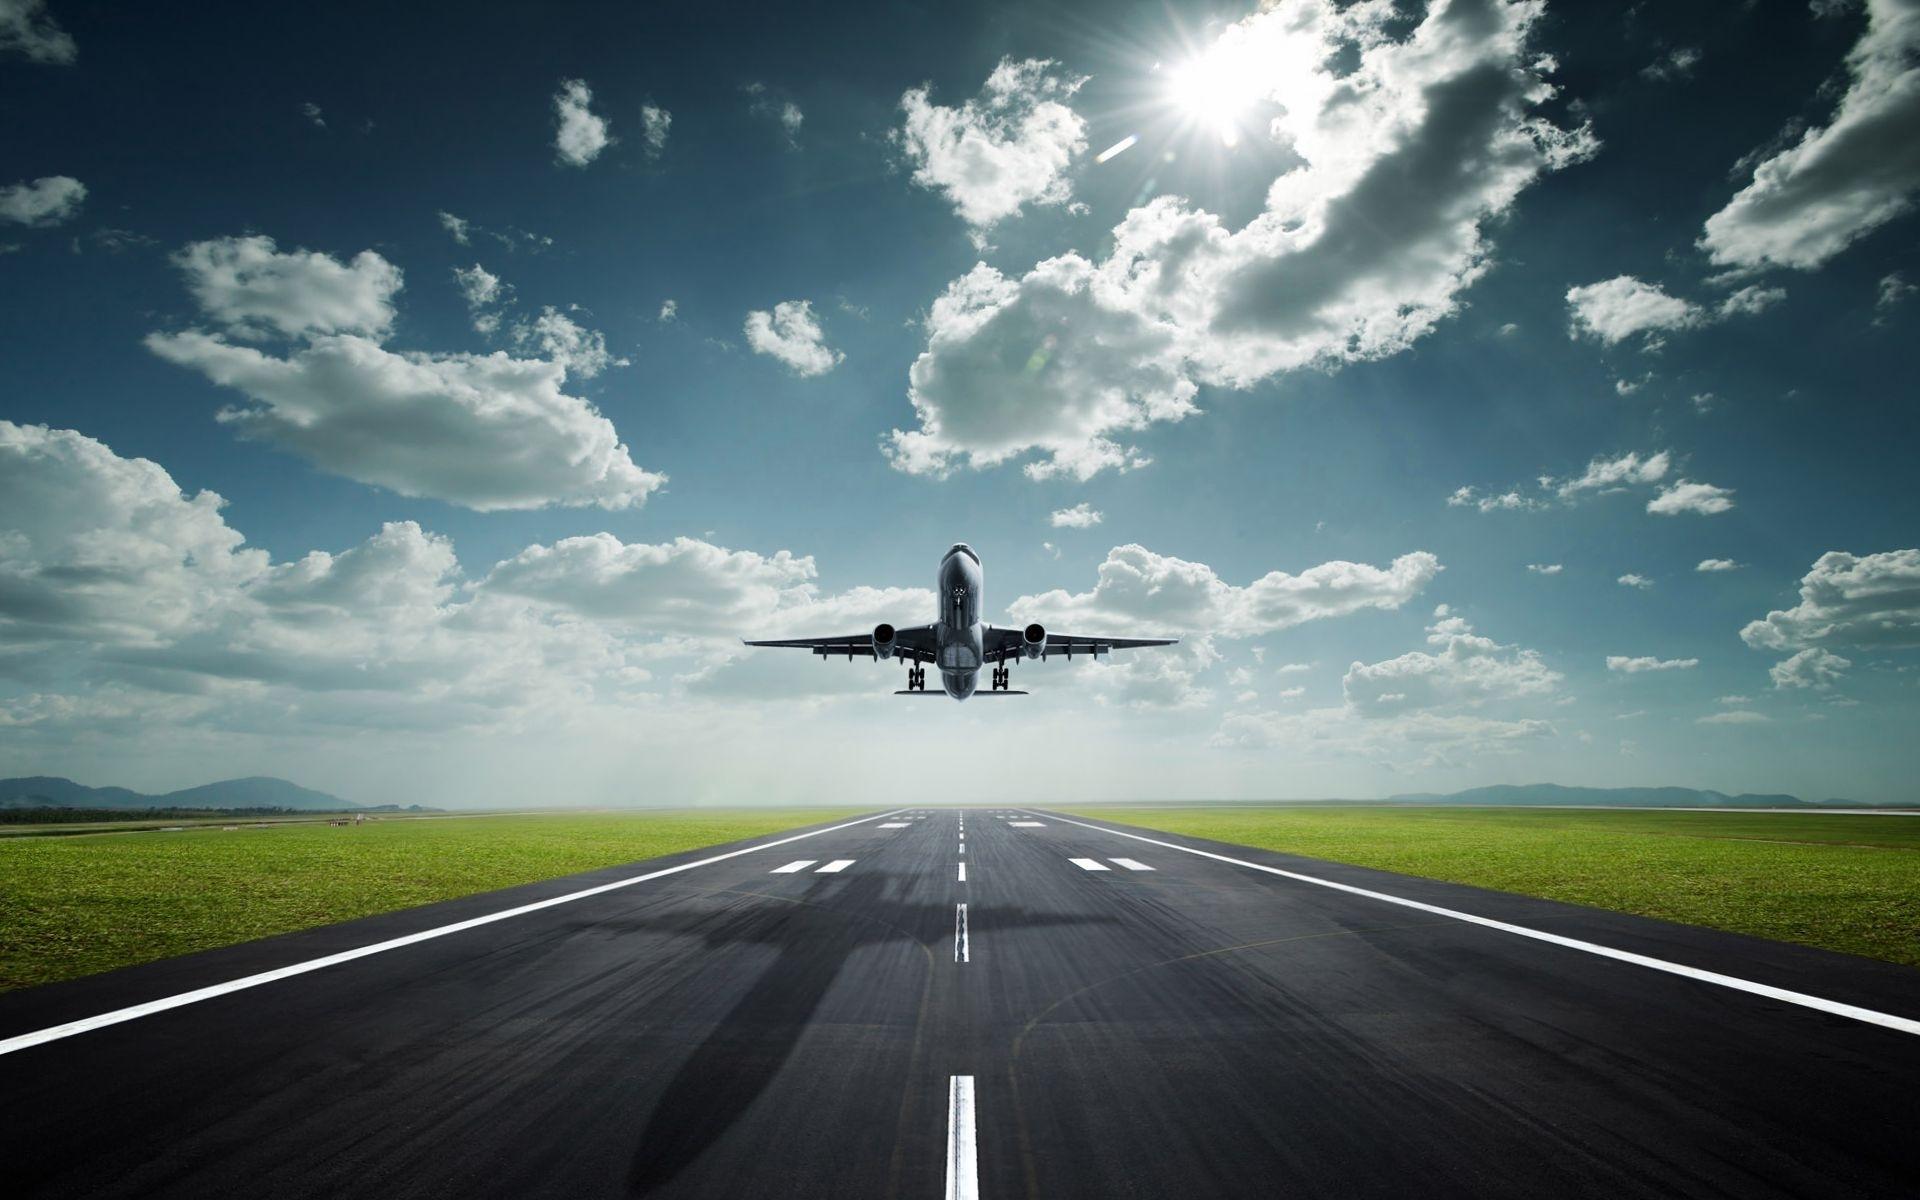 31513 Hintergrundbild herunterladen Flugzeuge, Transport - Bildschirmschoner und Bilder kostenlos